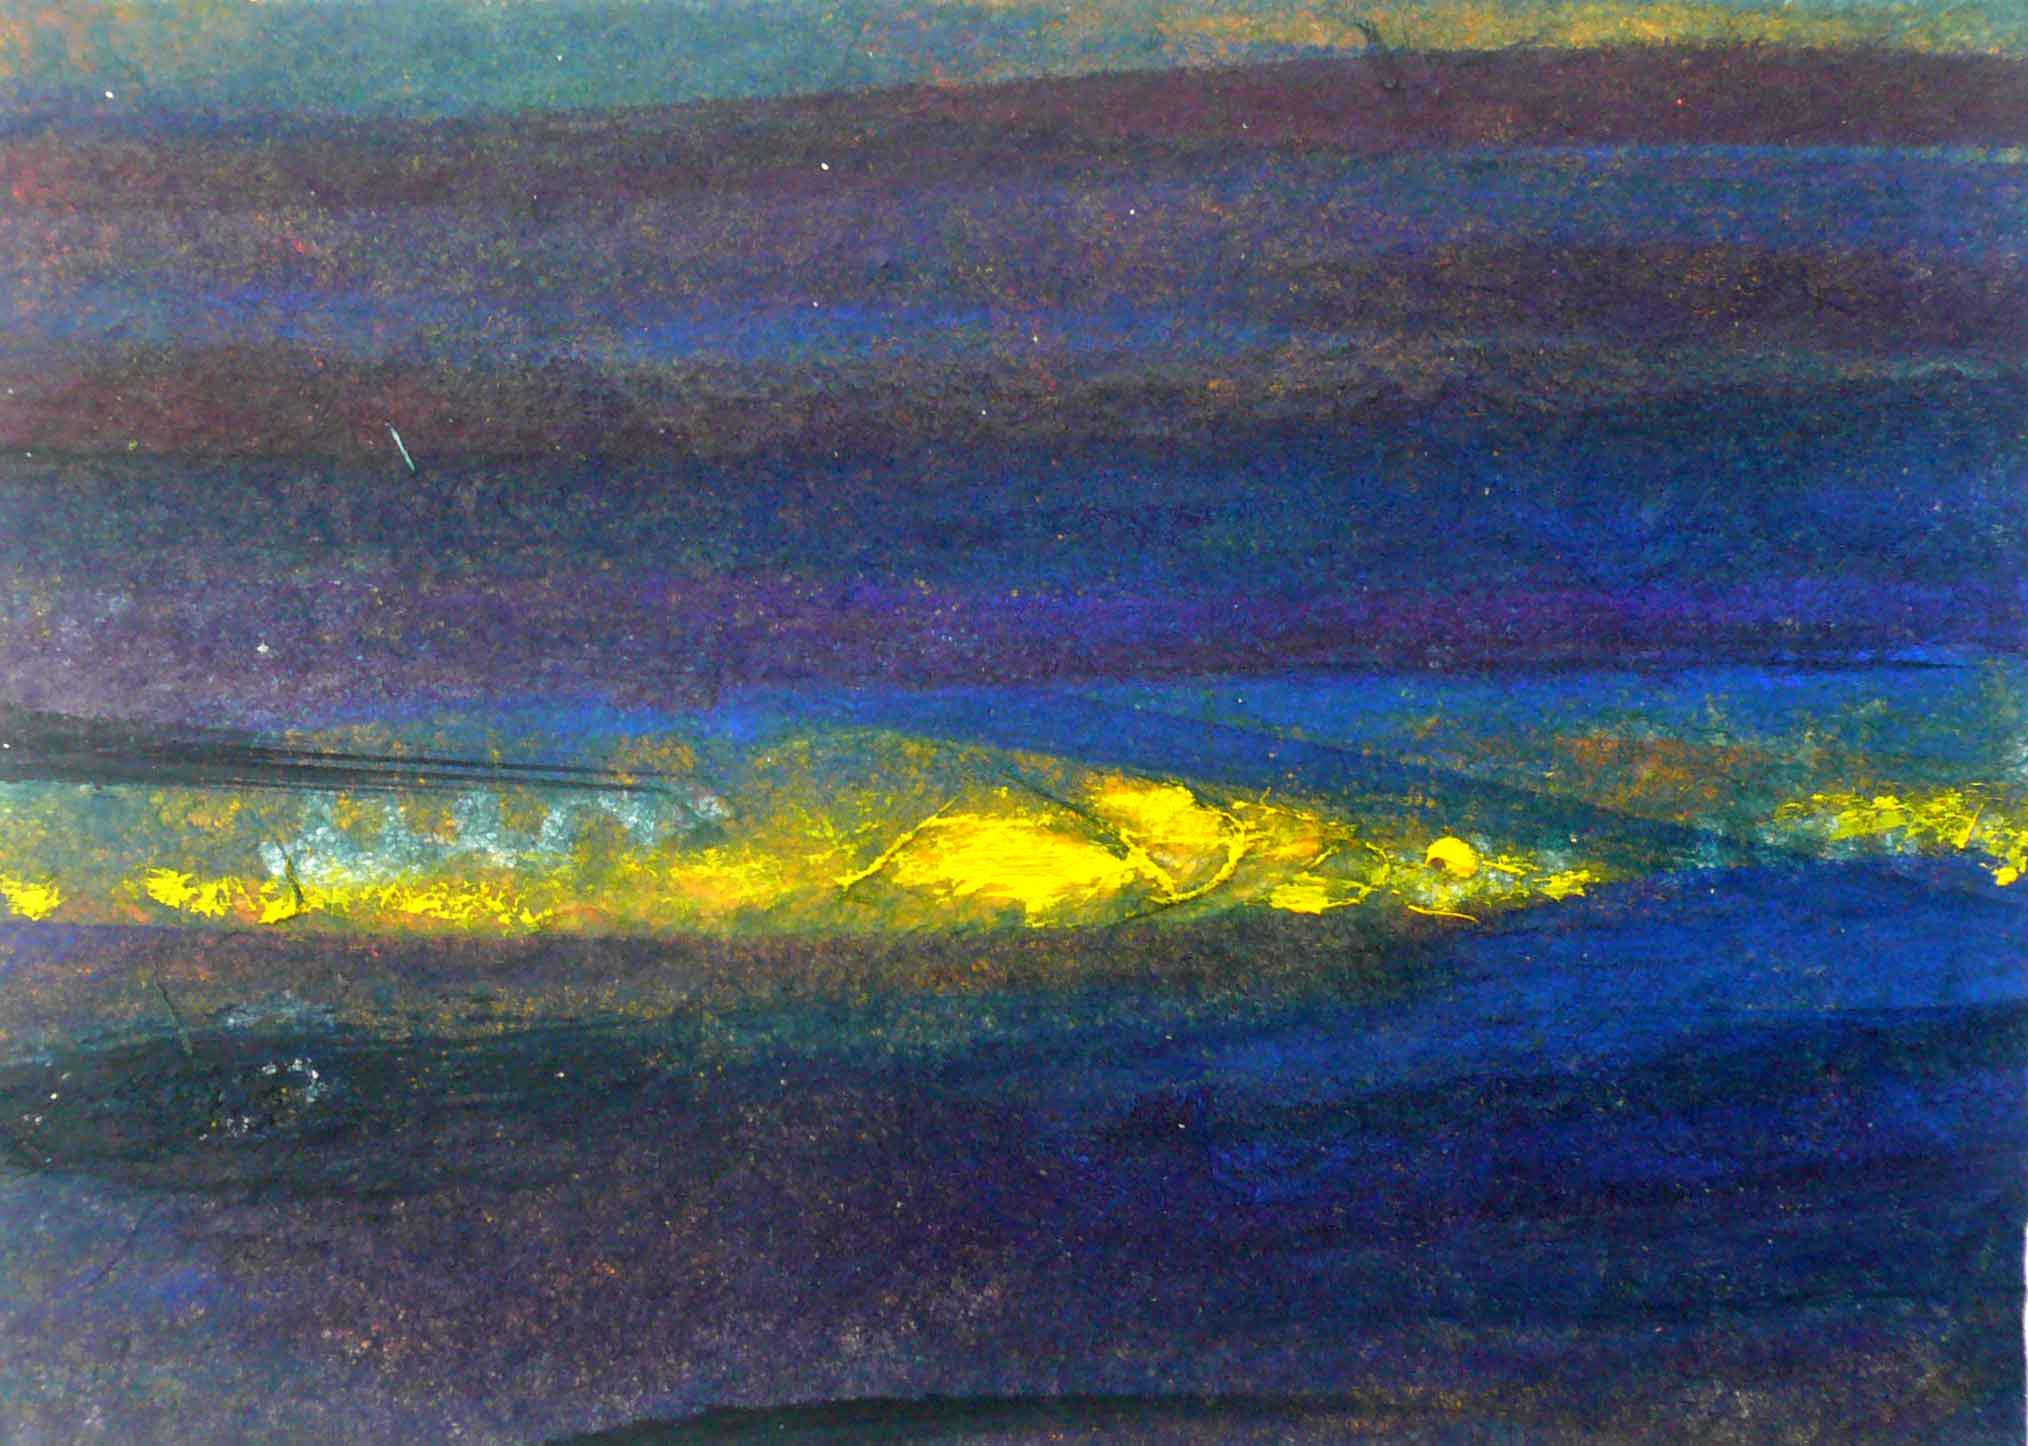 10-Paysages-Imaginaires-15-TS-13x18cm